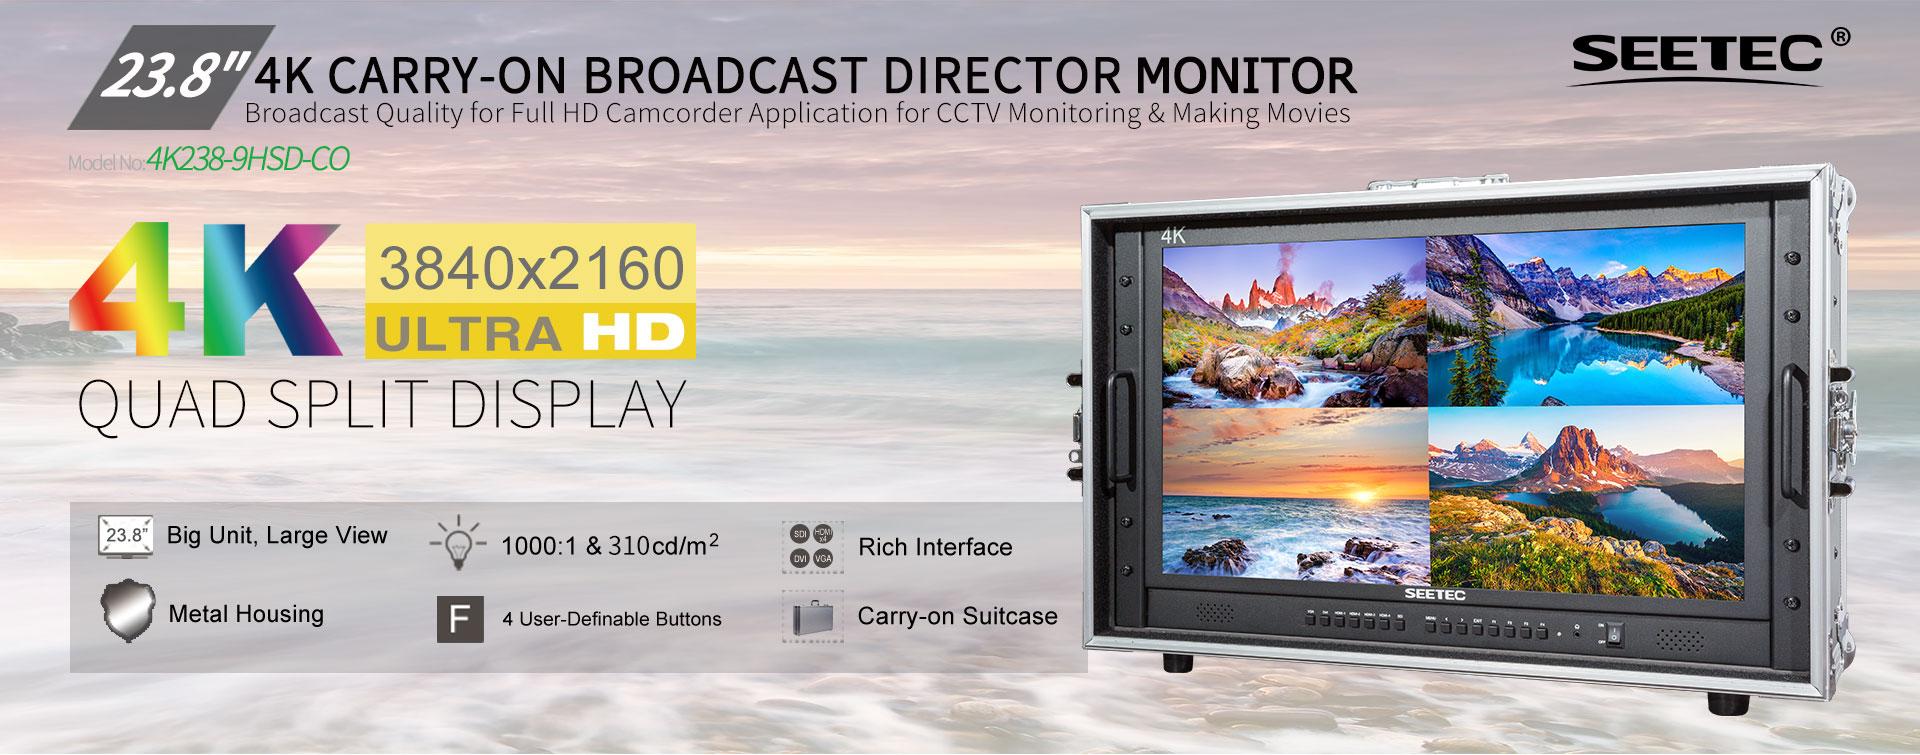 Monitor 4K 23.8 inch 4K238-9HSD-CO SEETEC